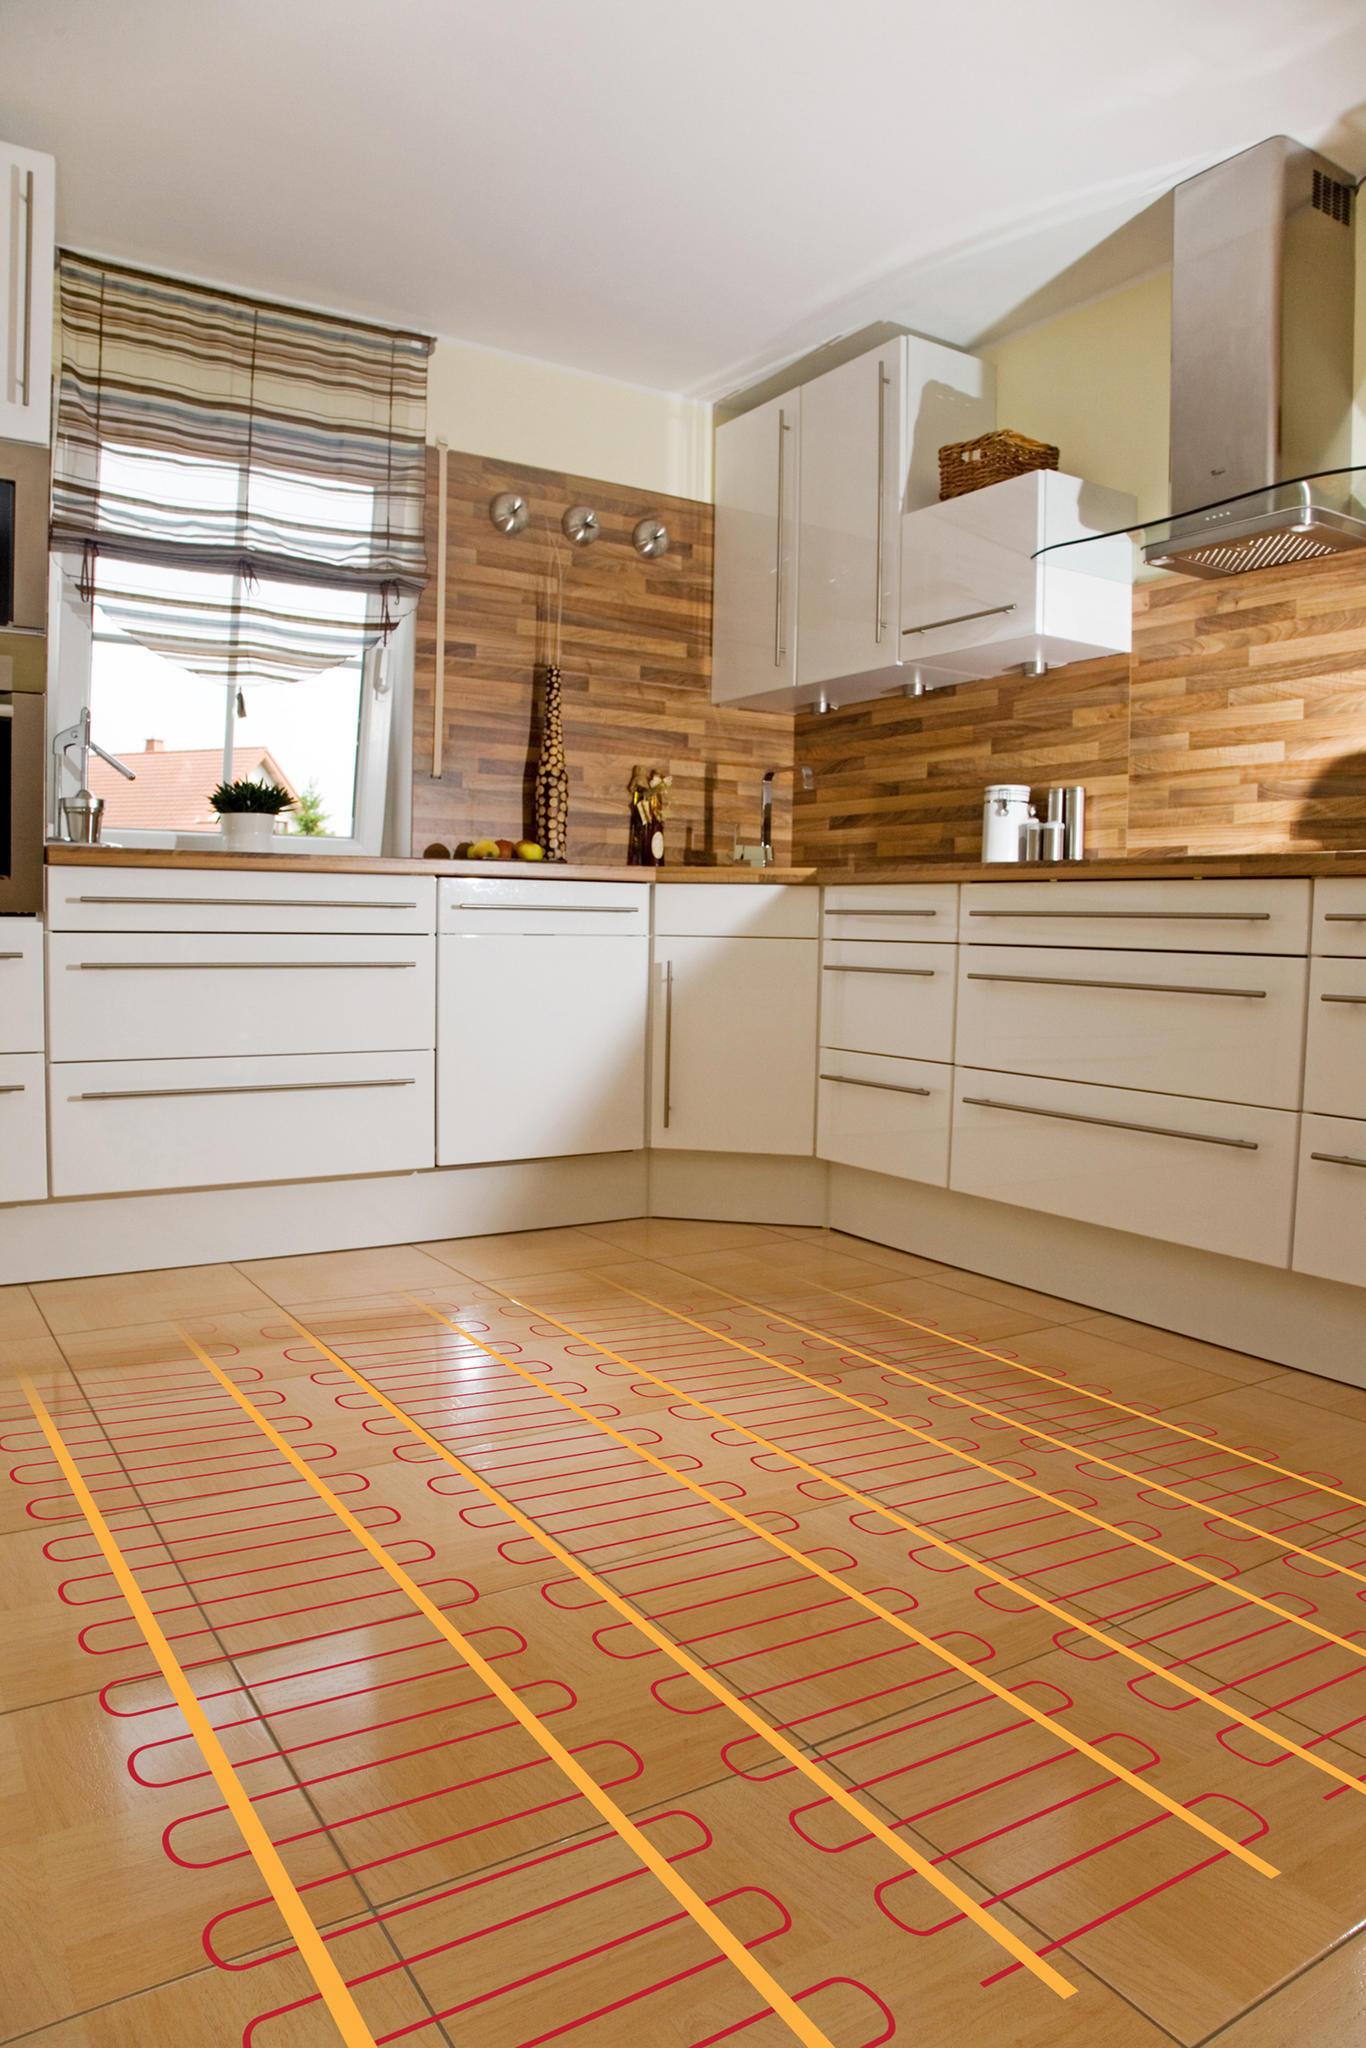 voordelen elektrische vloerverwarming